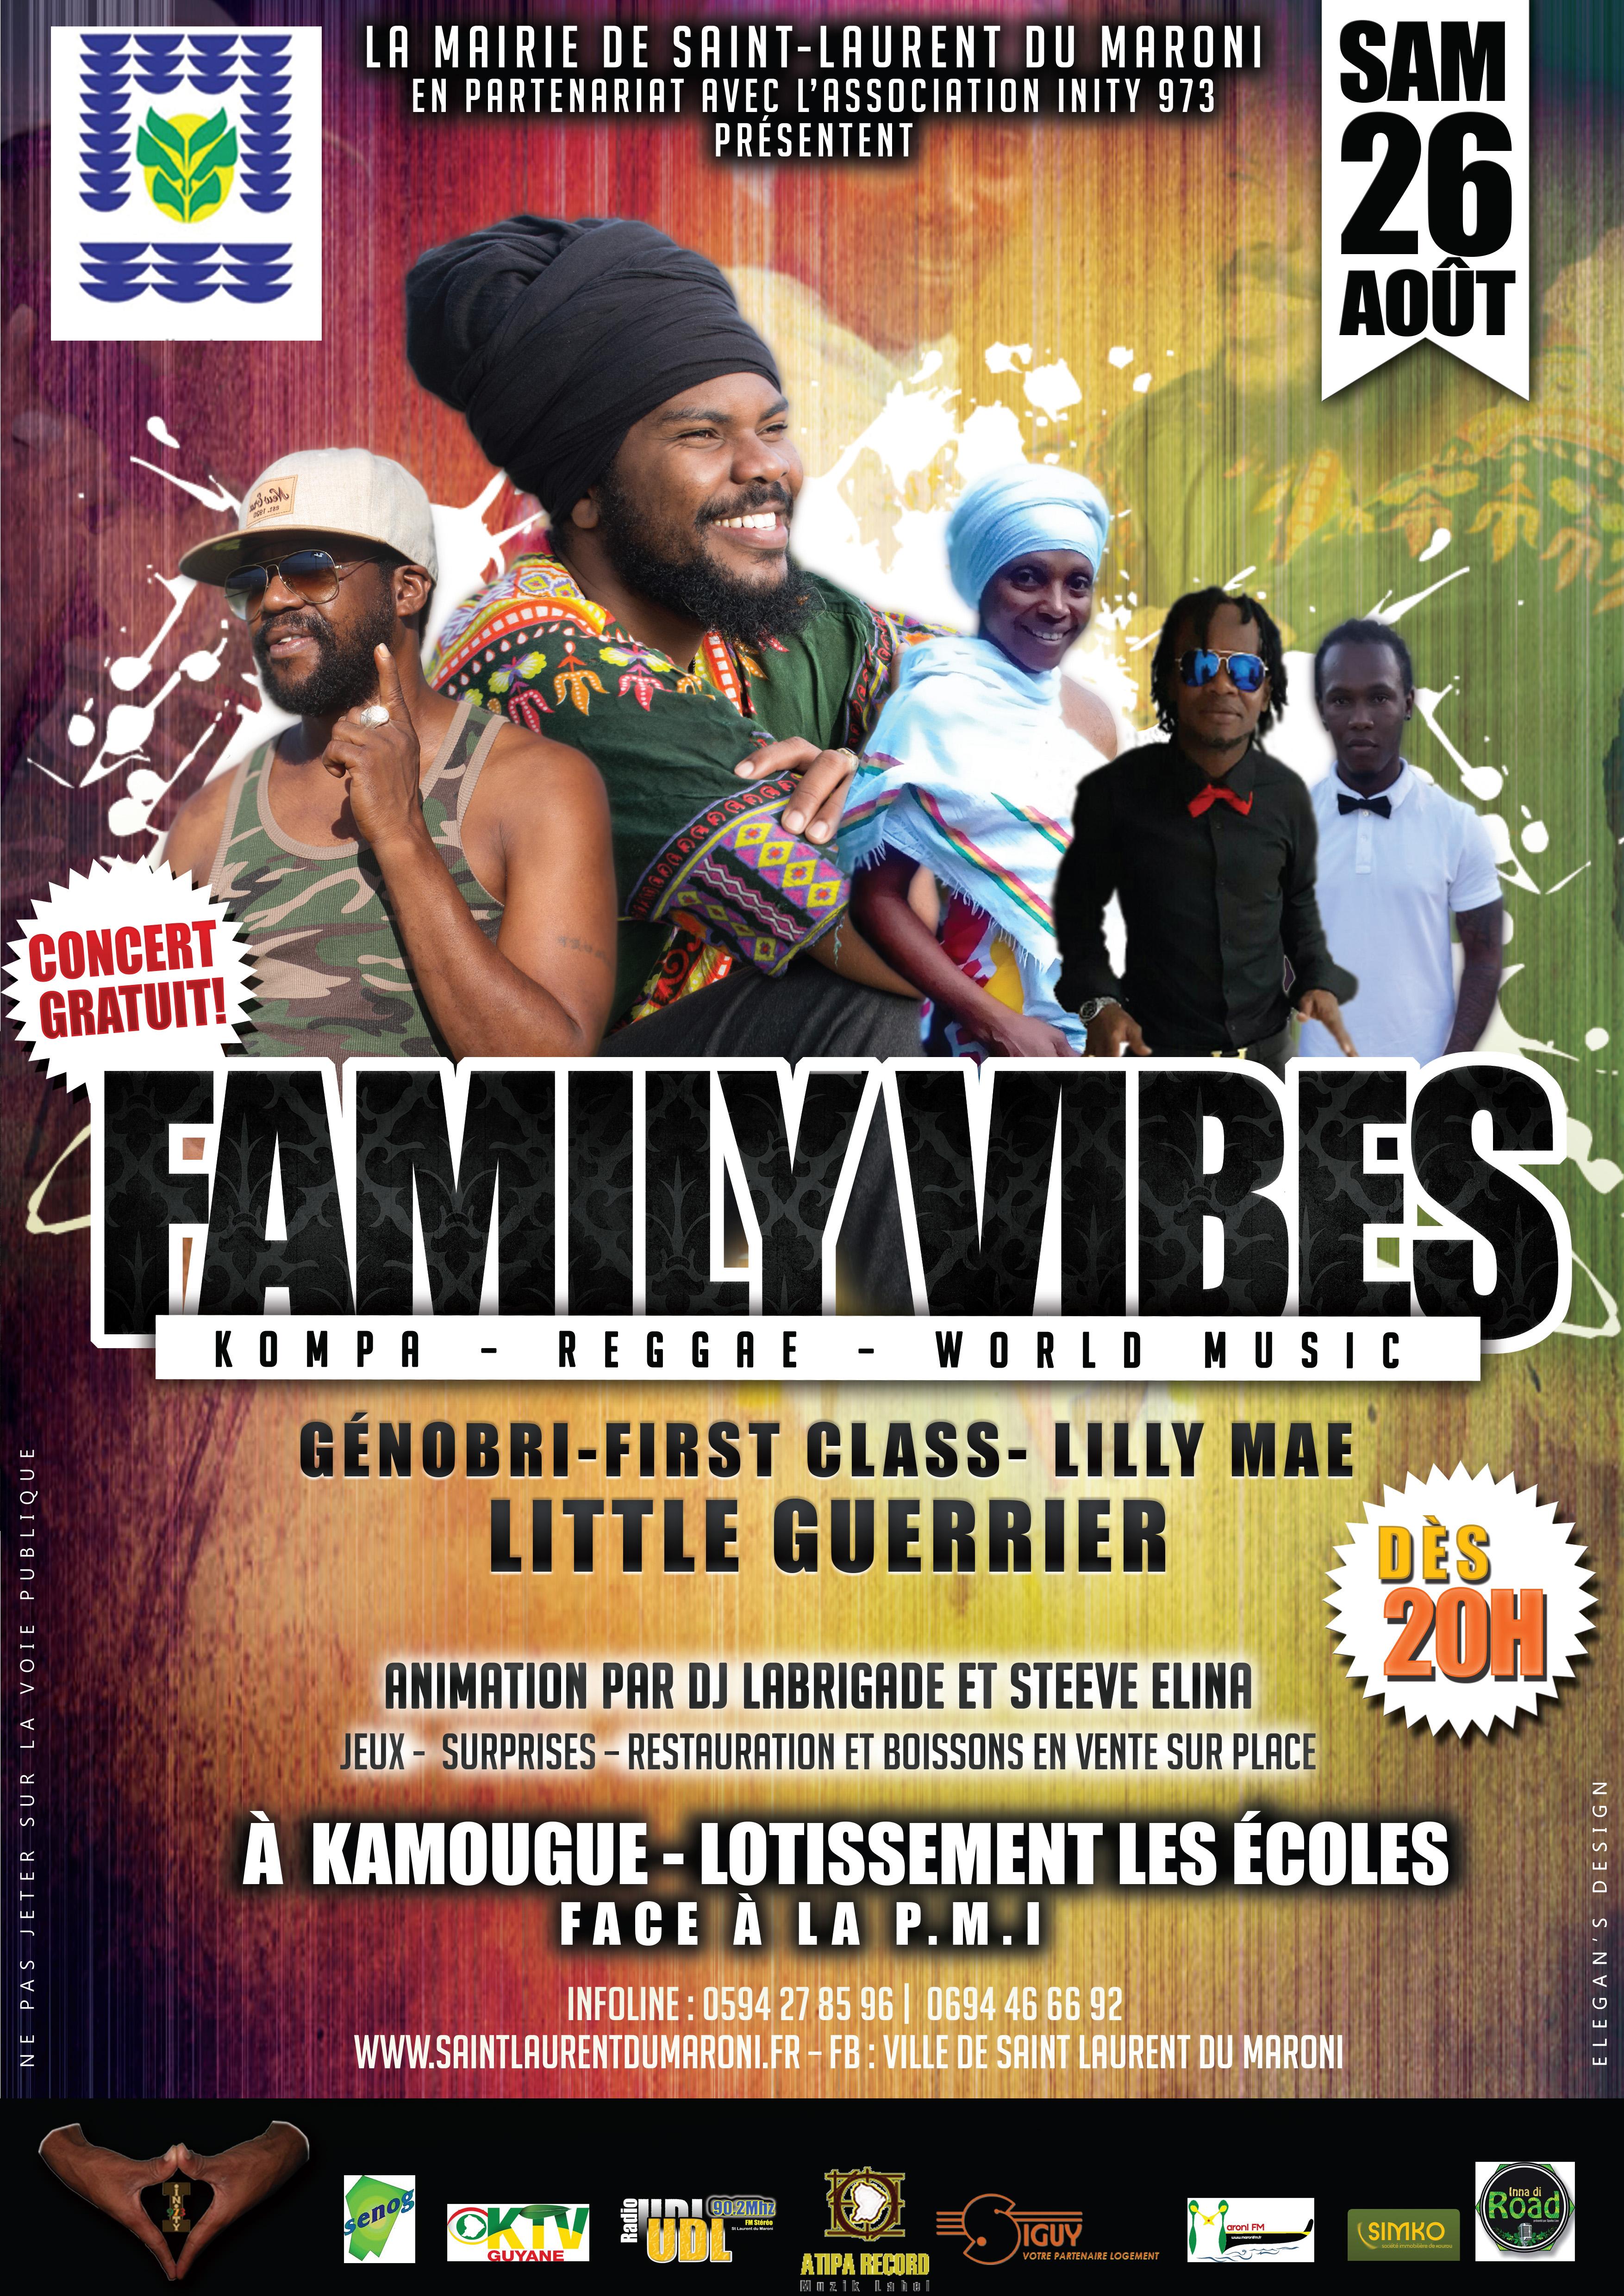 Le 26 août ne ratez pas le concert gratuit Family Vibes à Kamougue !